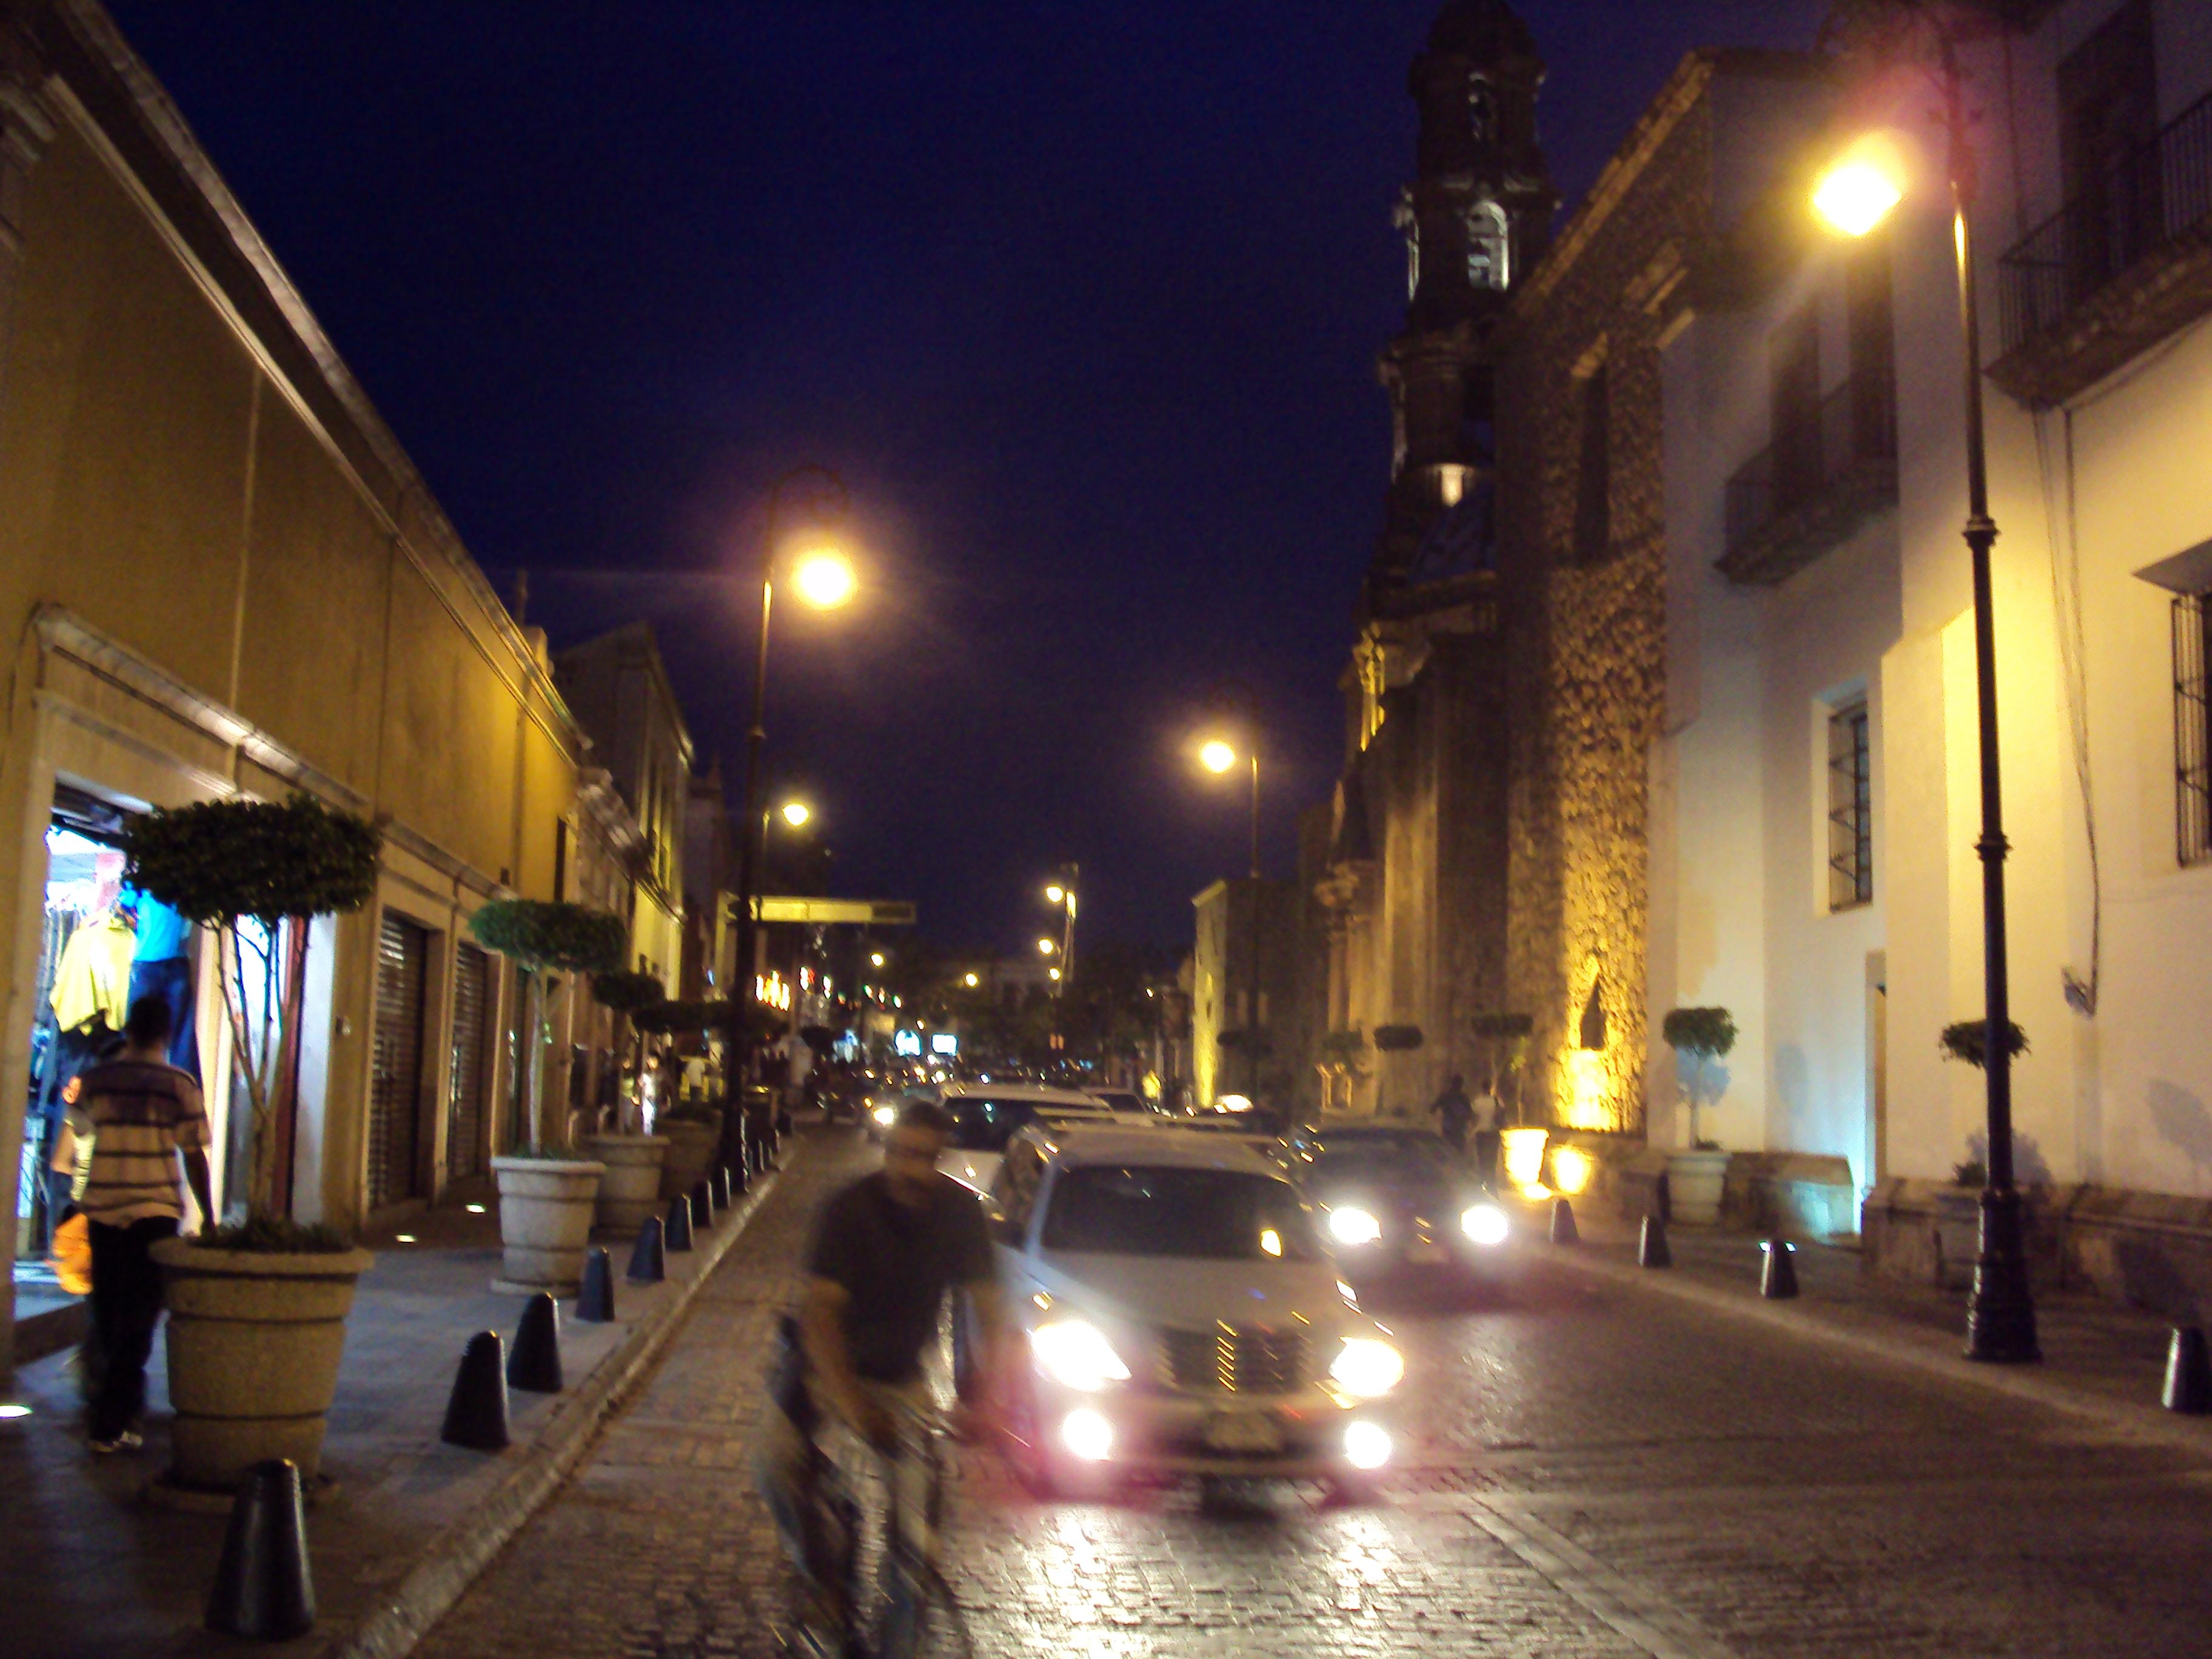 Estacionamientos en el Perímetro Ferial Quieren Incrementar 5 Pesos su Tarifa